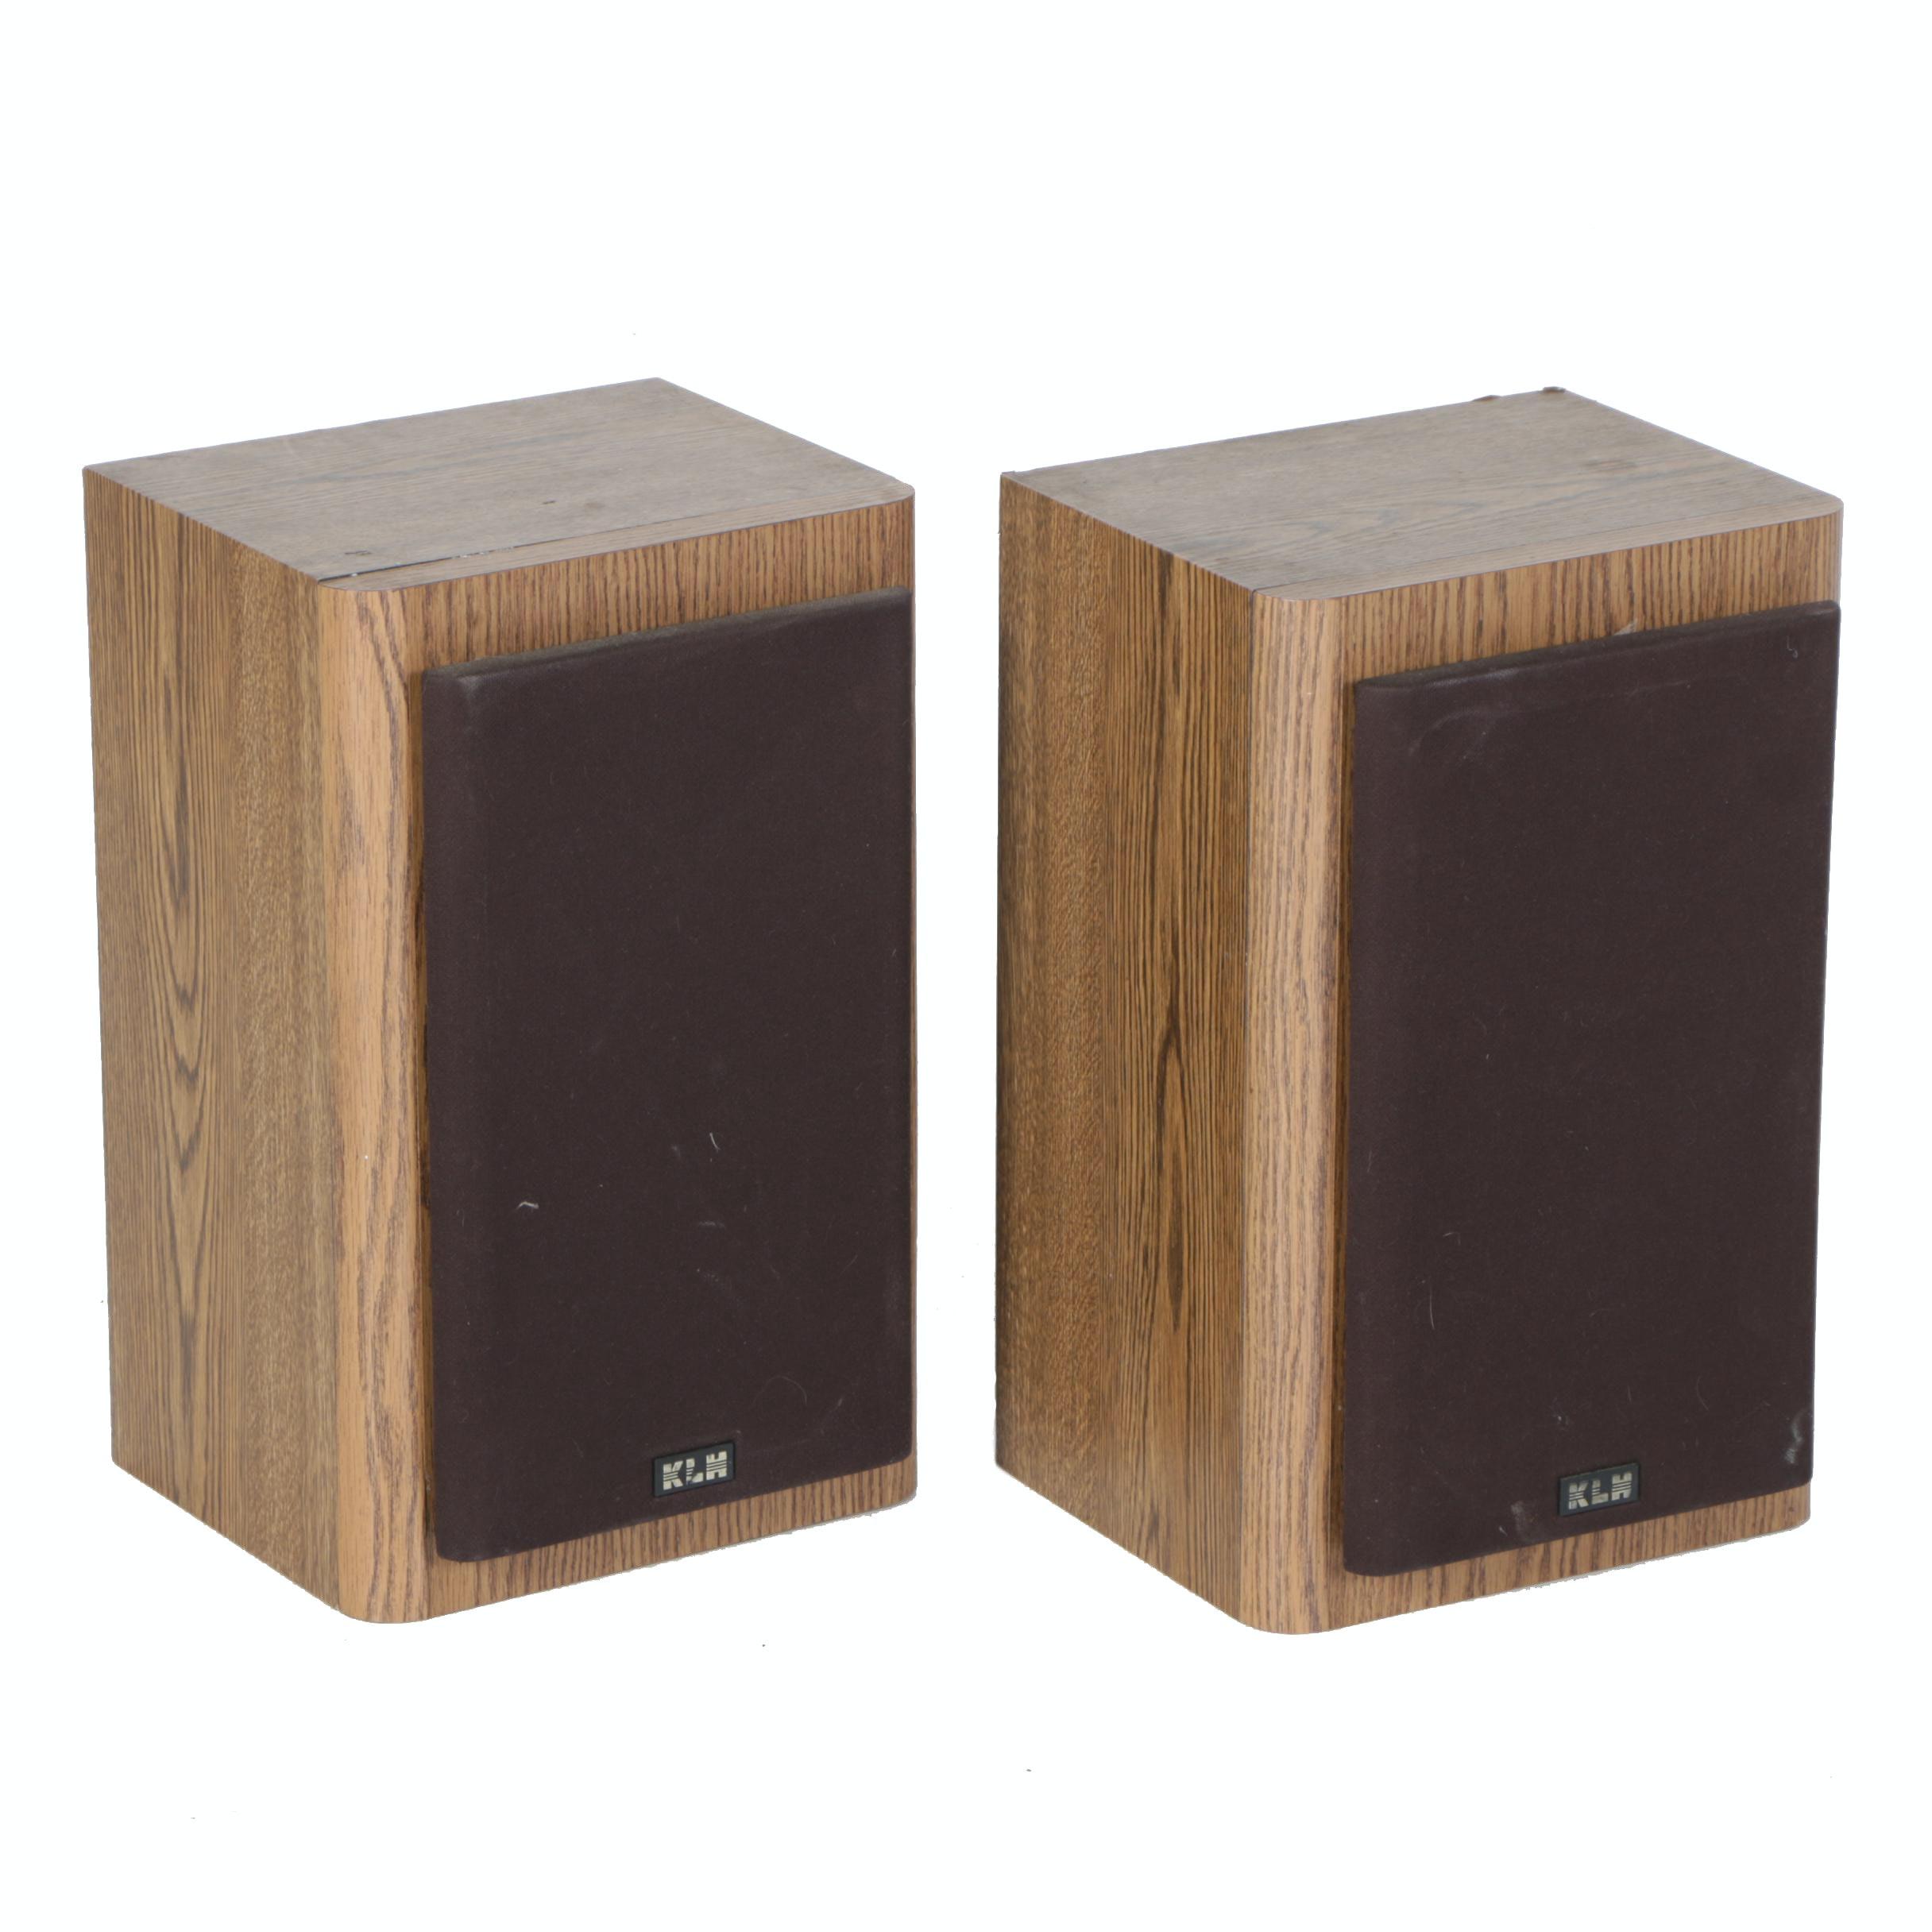 KLH Speakers